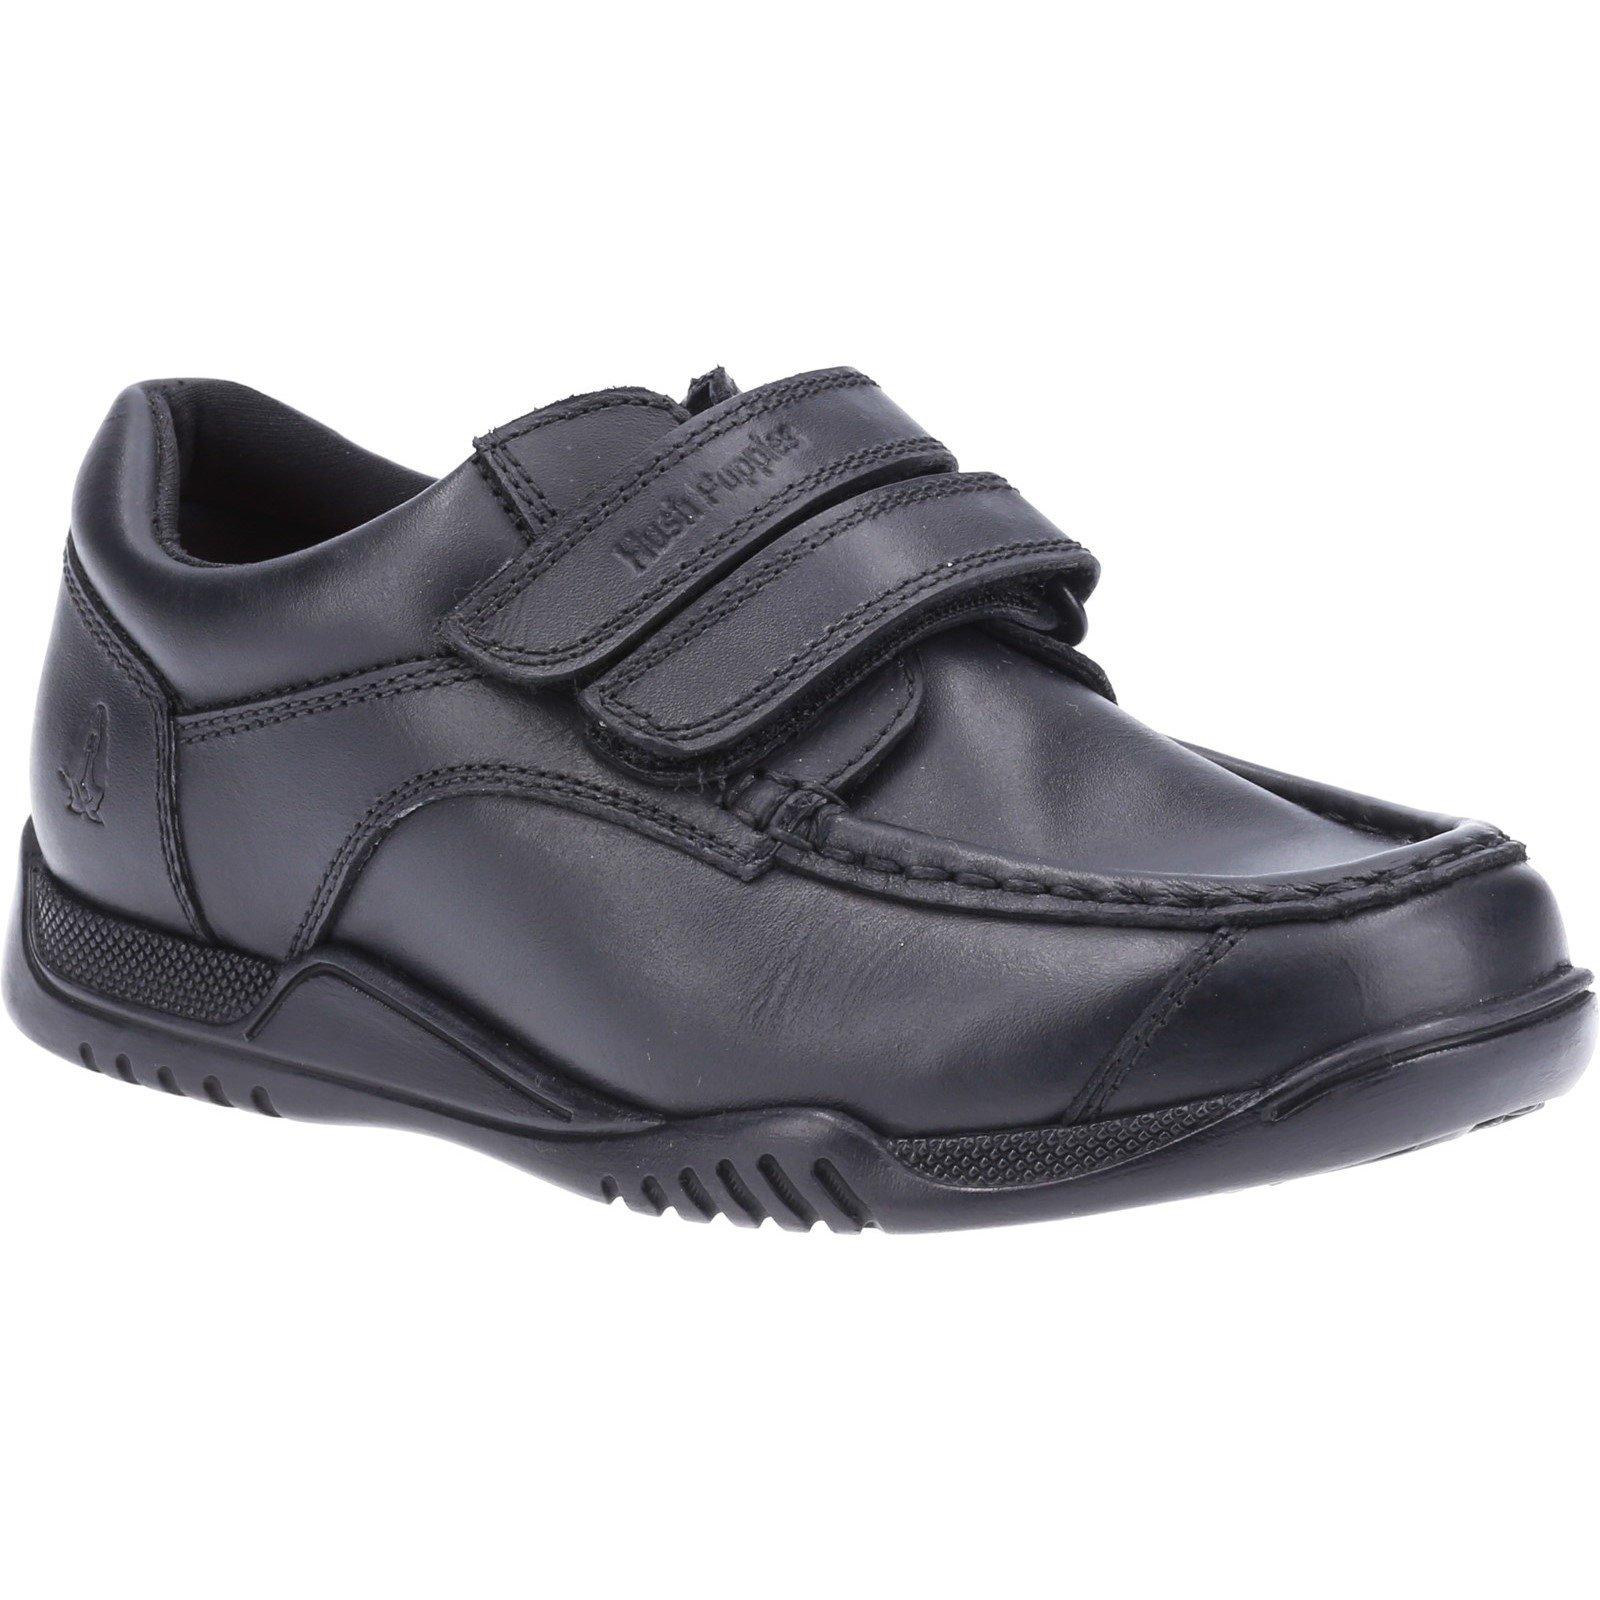 Hush Puppies Kid's Hayden Junior School Shoe Black 32584 - Black 10